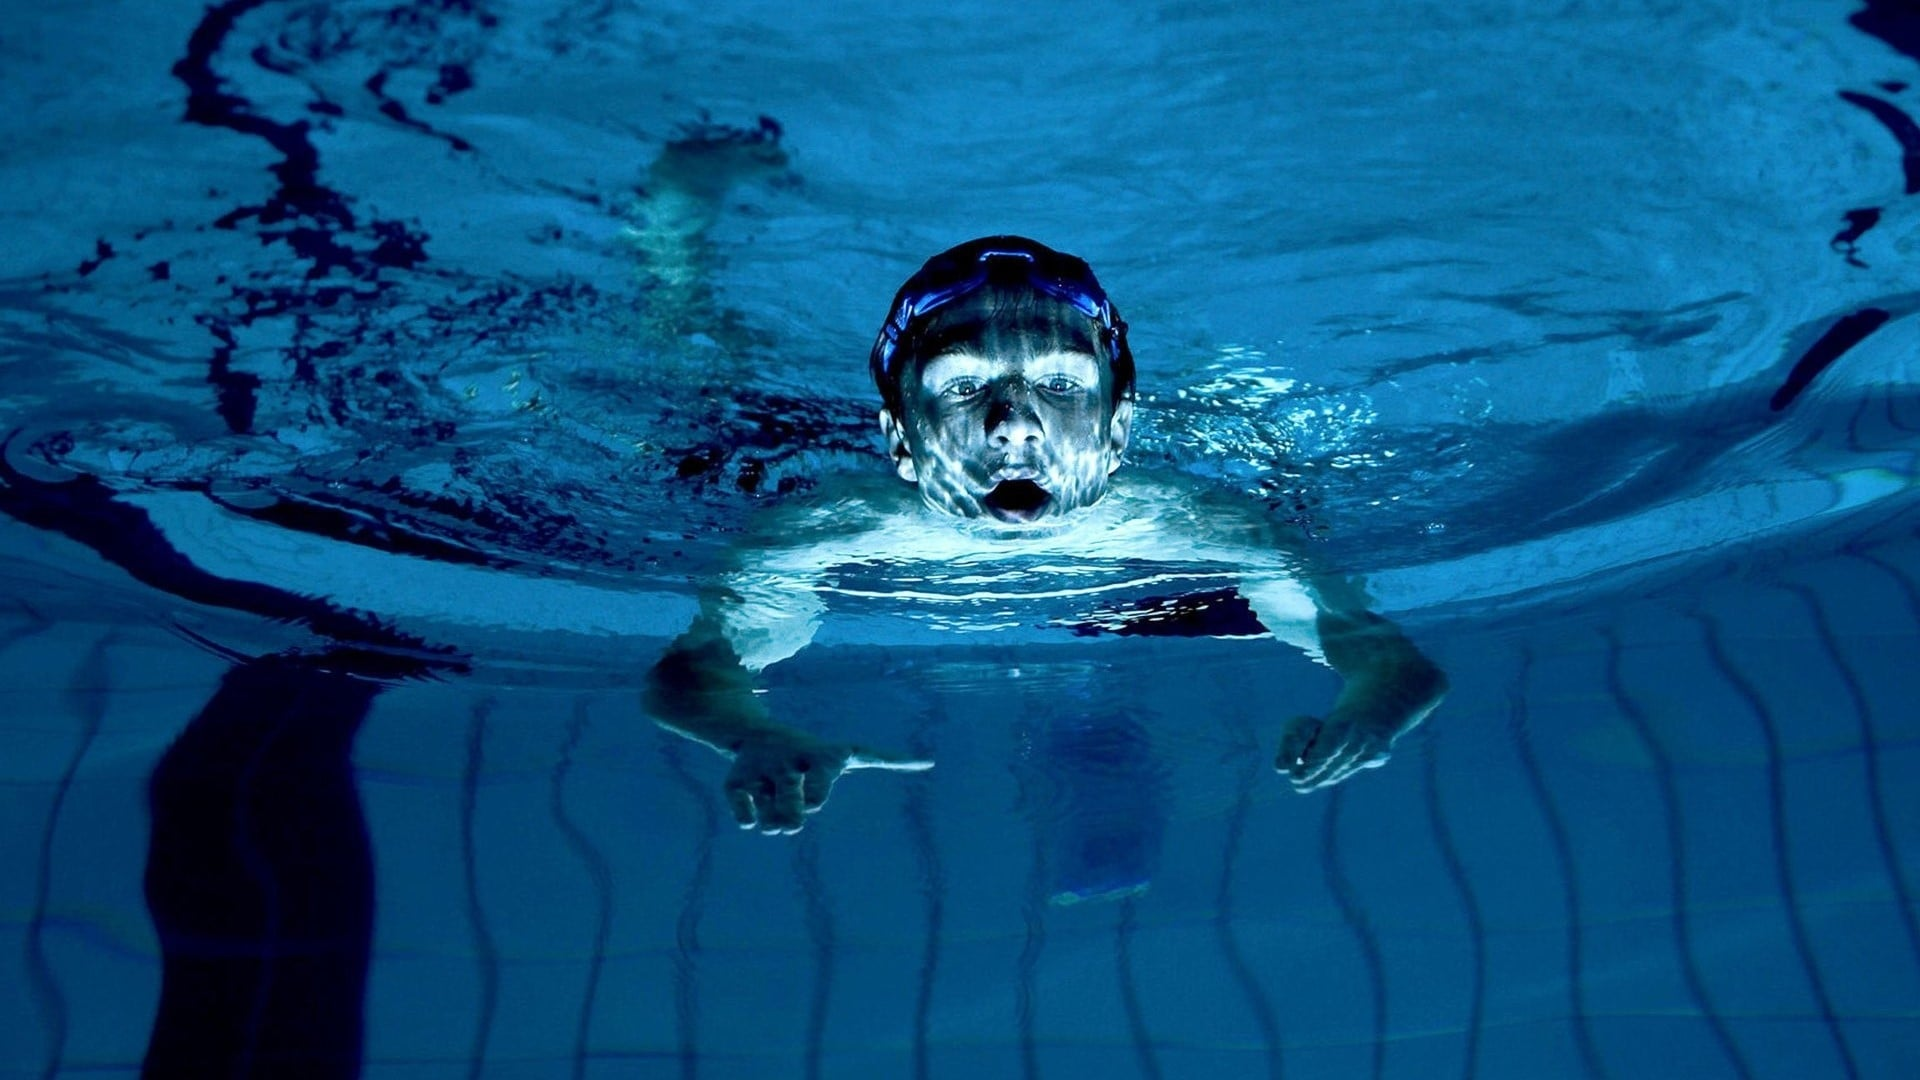 Head Under Water